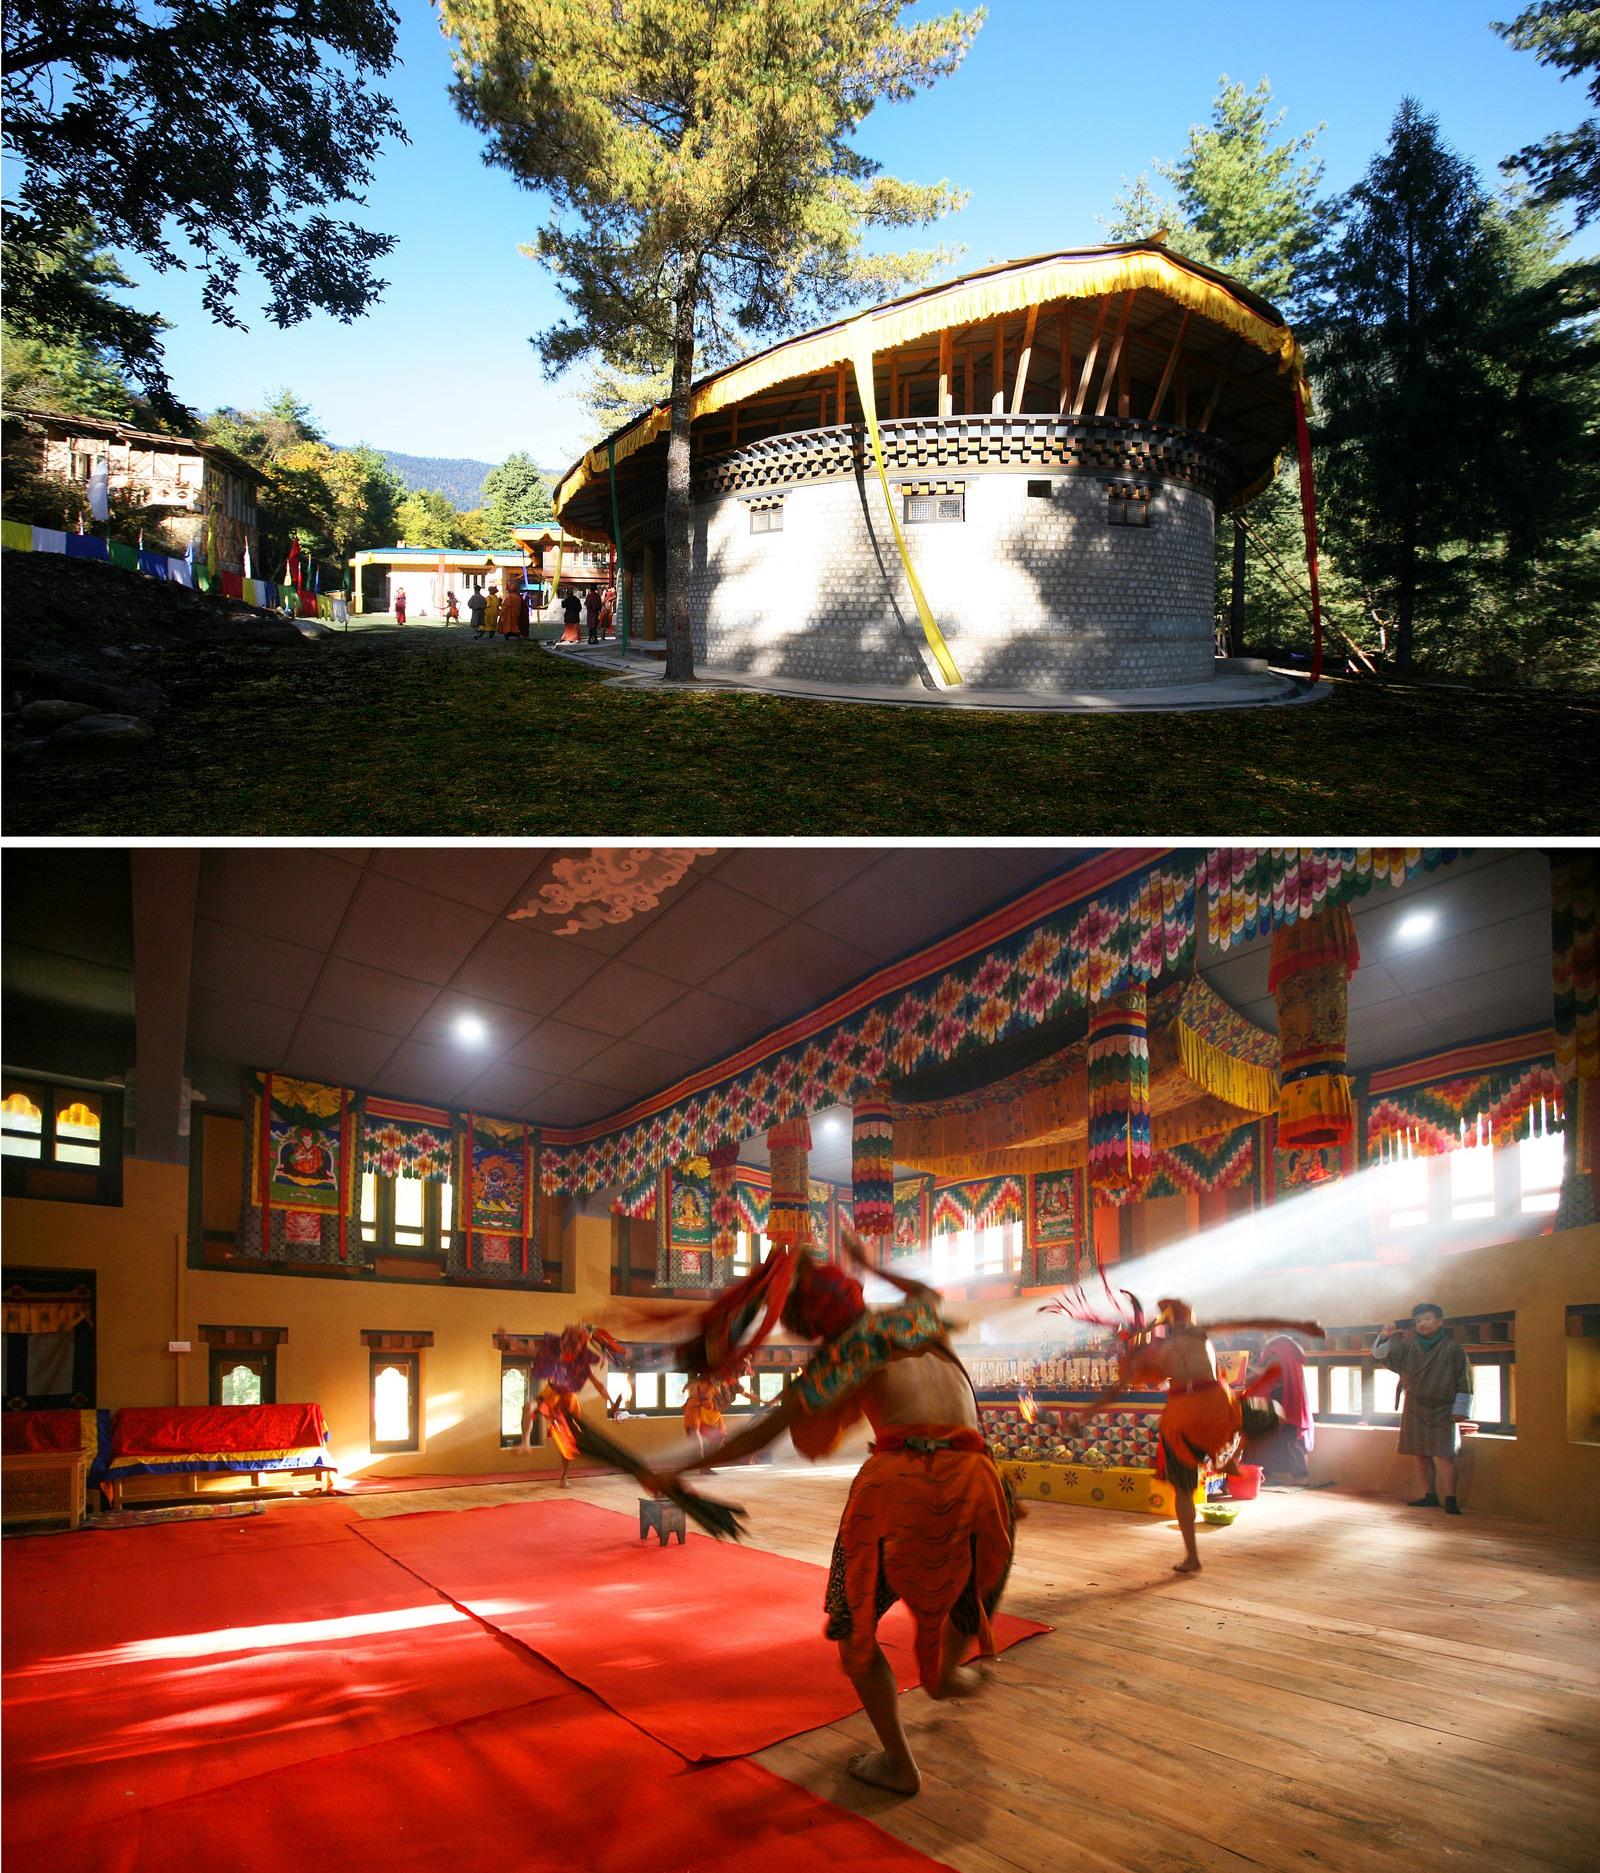 Hoàng Thúc Hào thắng giải dành cho kiến trúc sư nổi bật ở châu Á - Ảnh 10.